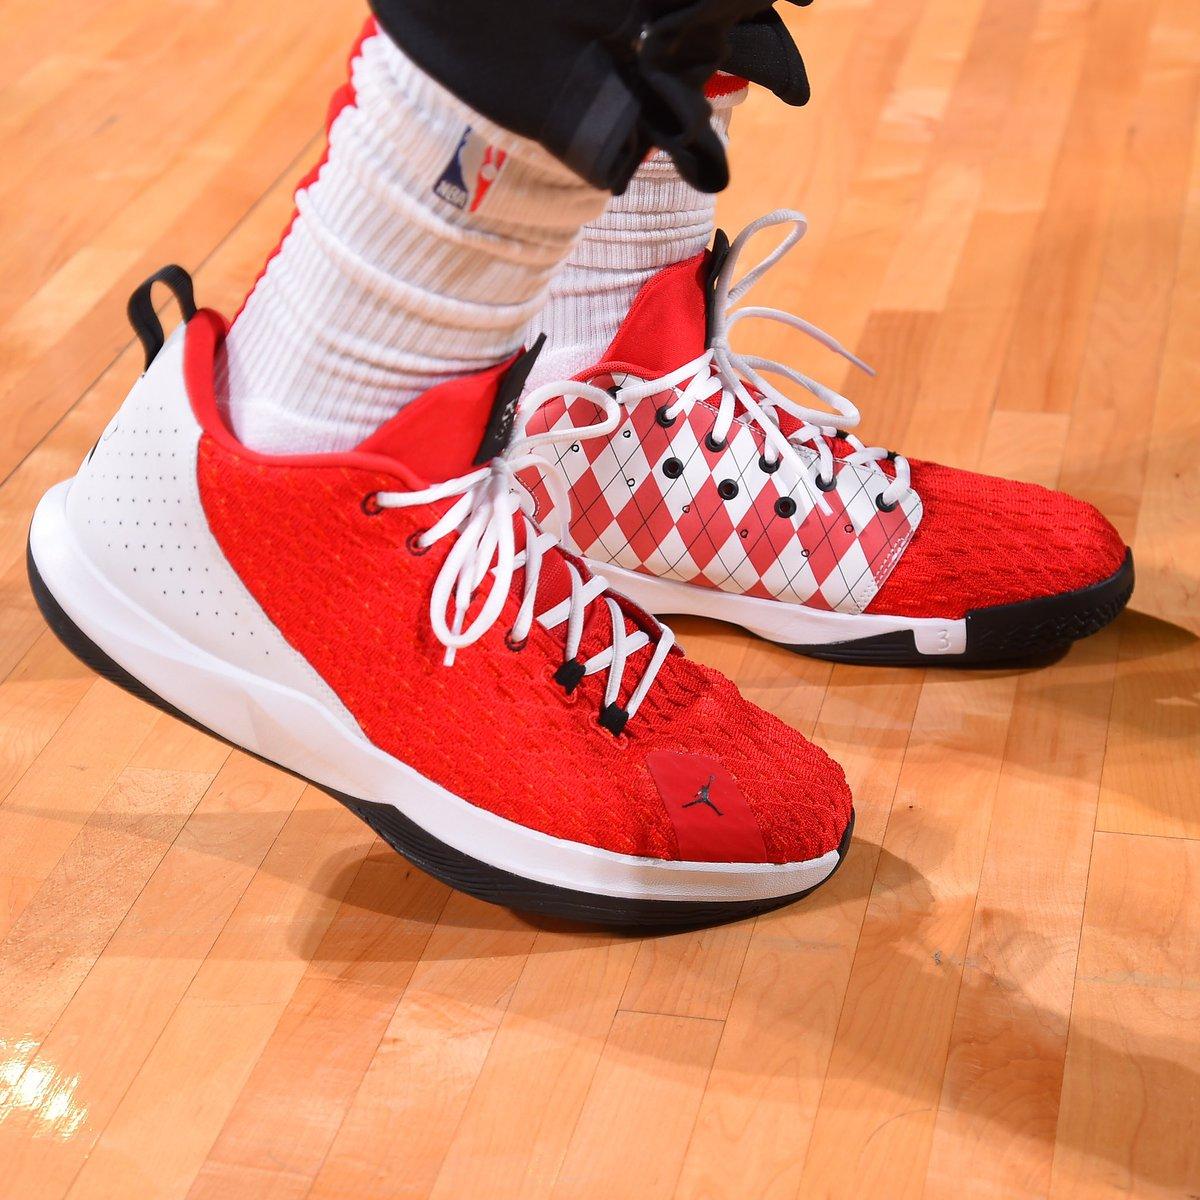 今日常规赛上脚球鞋一览:保罗上脚红白配色CP3.XII